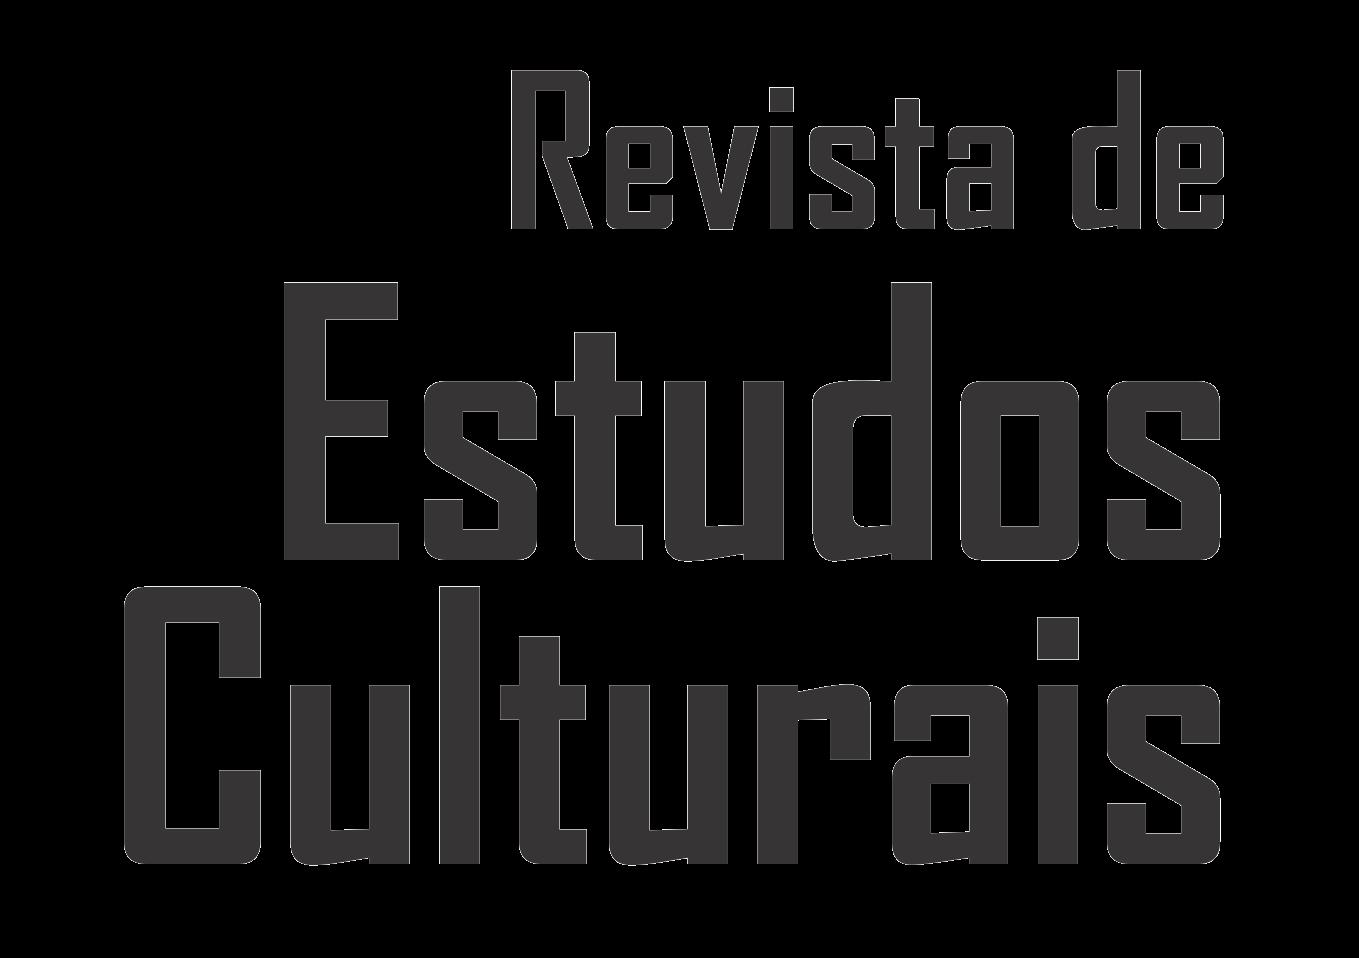 Revista de Estudos Culturais